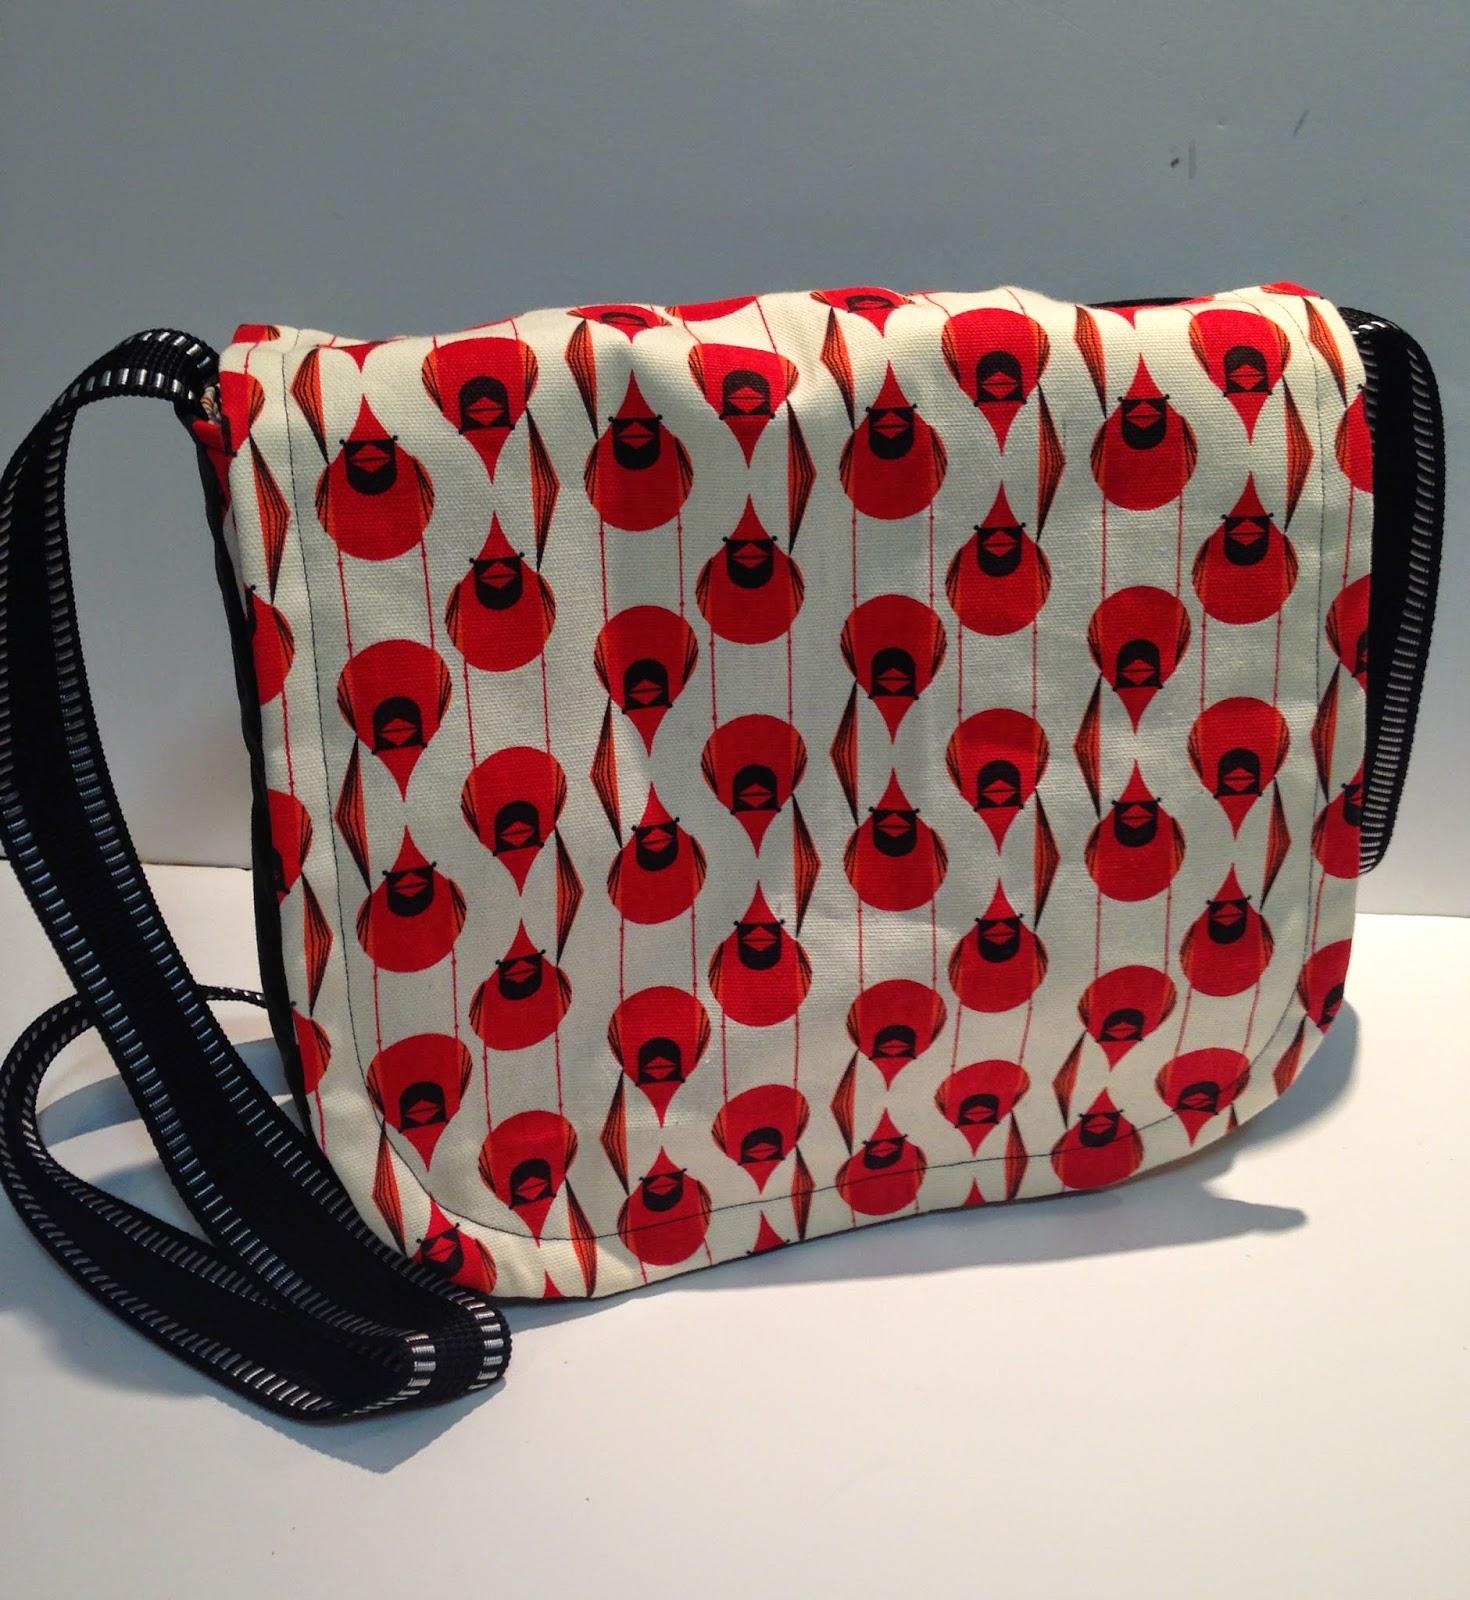 Charley Harper bag